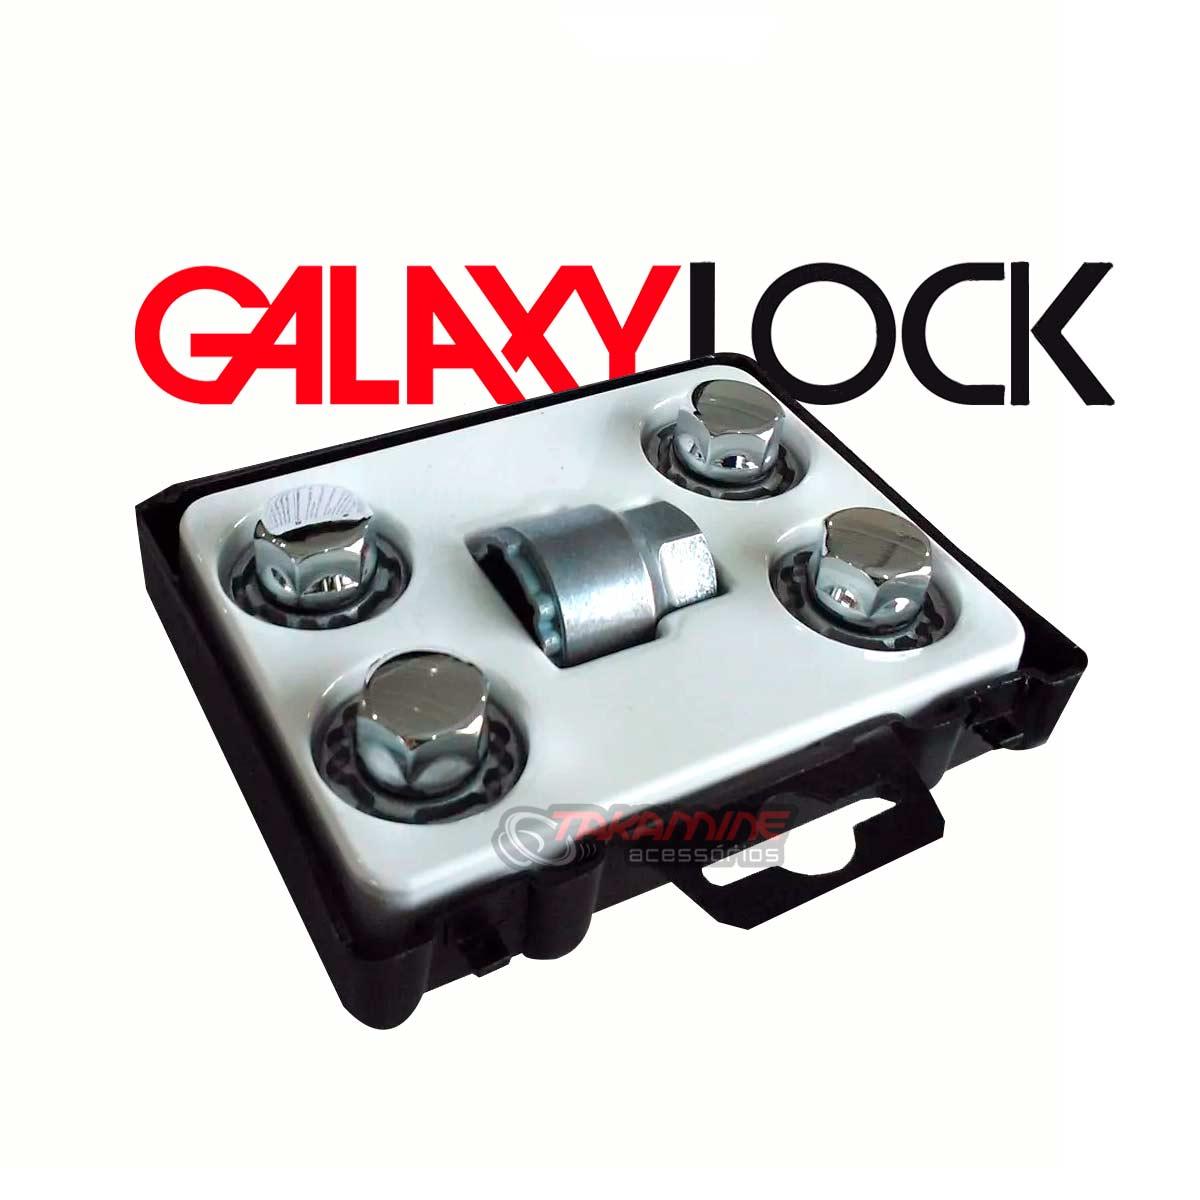 Parafuso antifurto para rodas Galaxy Lock Toro 2016 até 2020 A1C/M